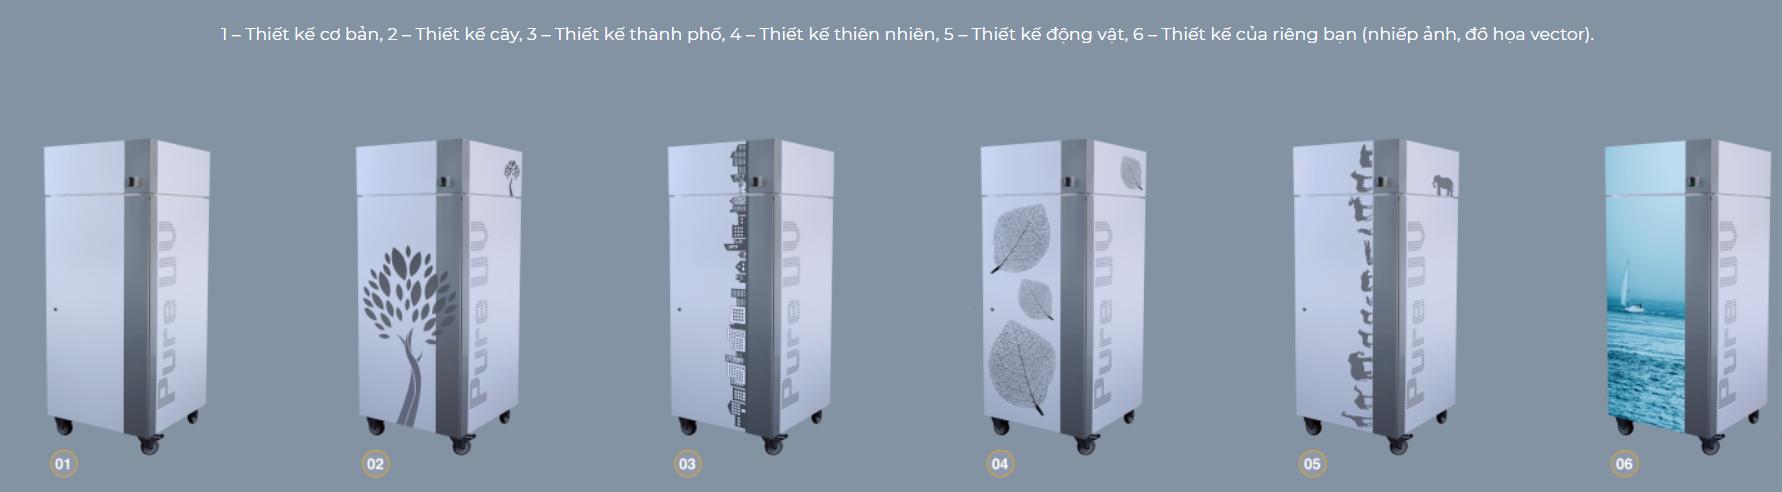 Thiết kế của máy lọc không khí tiệt trùng Pure UV